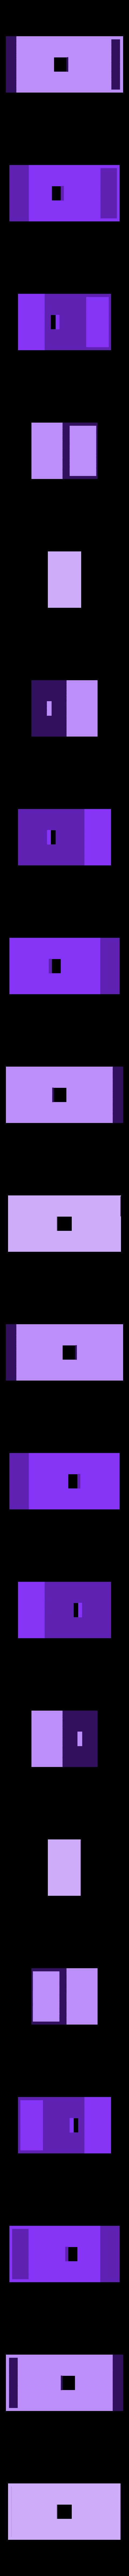 tello_box.stl Download free STL file Tello Sticker Dispenser • 3D printing model, suatbatu